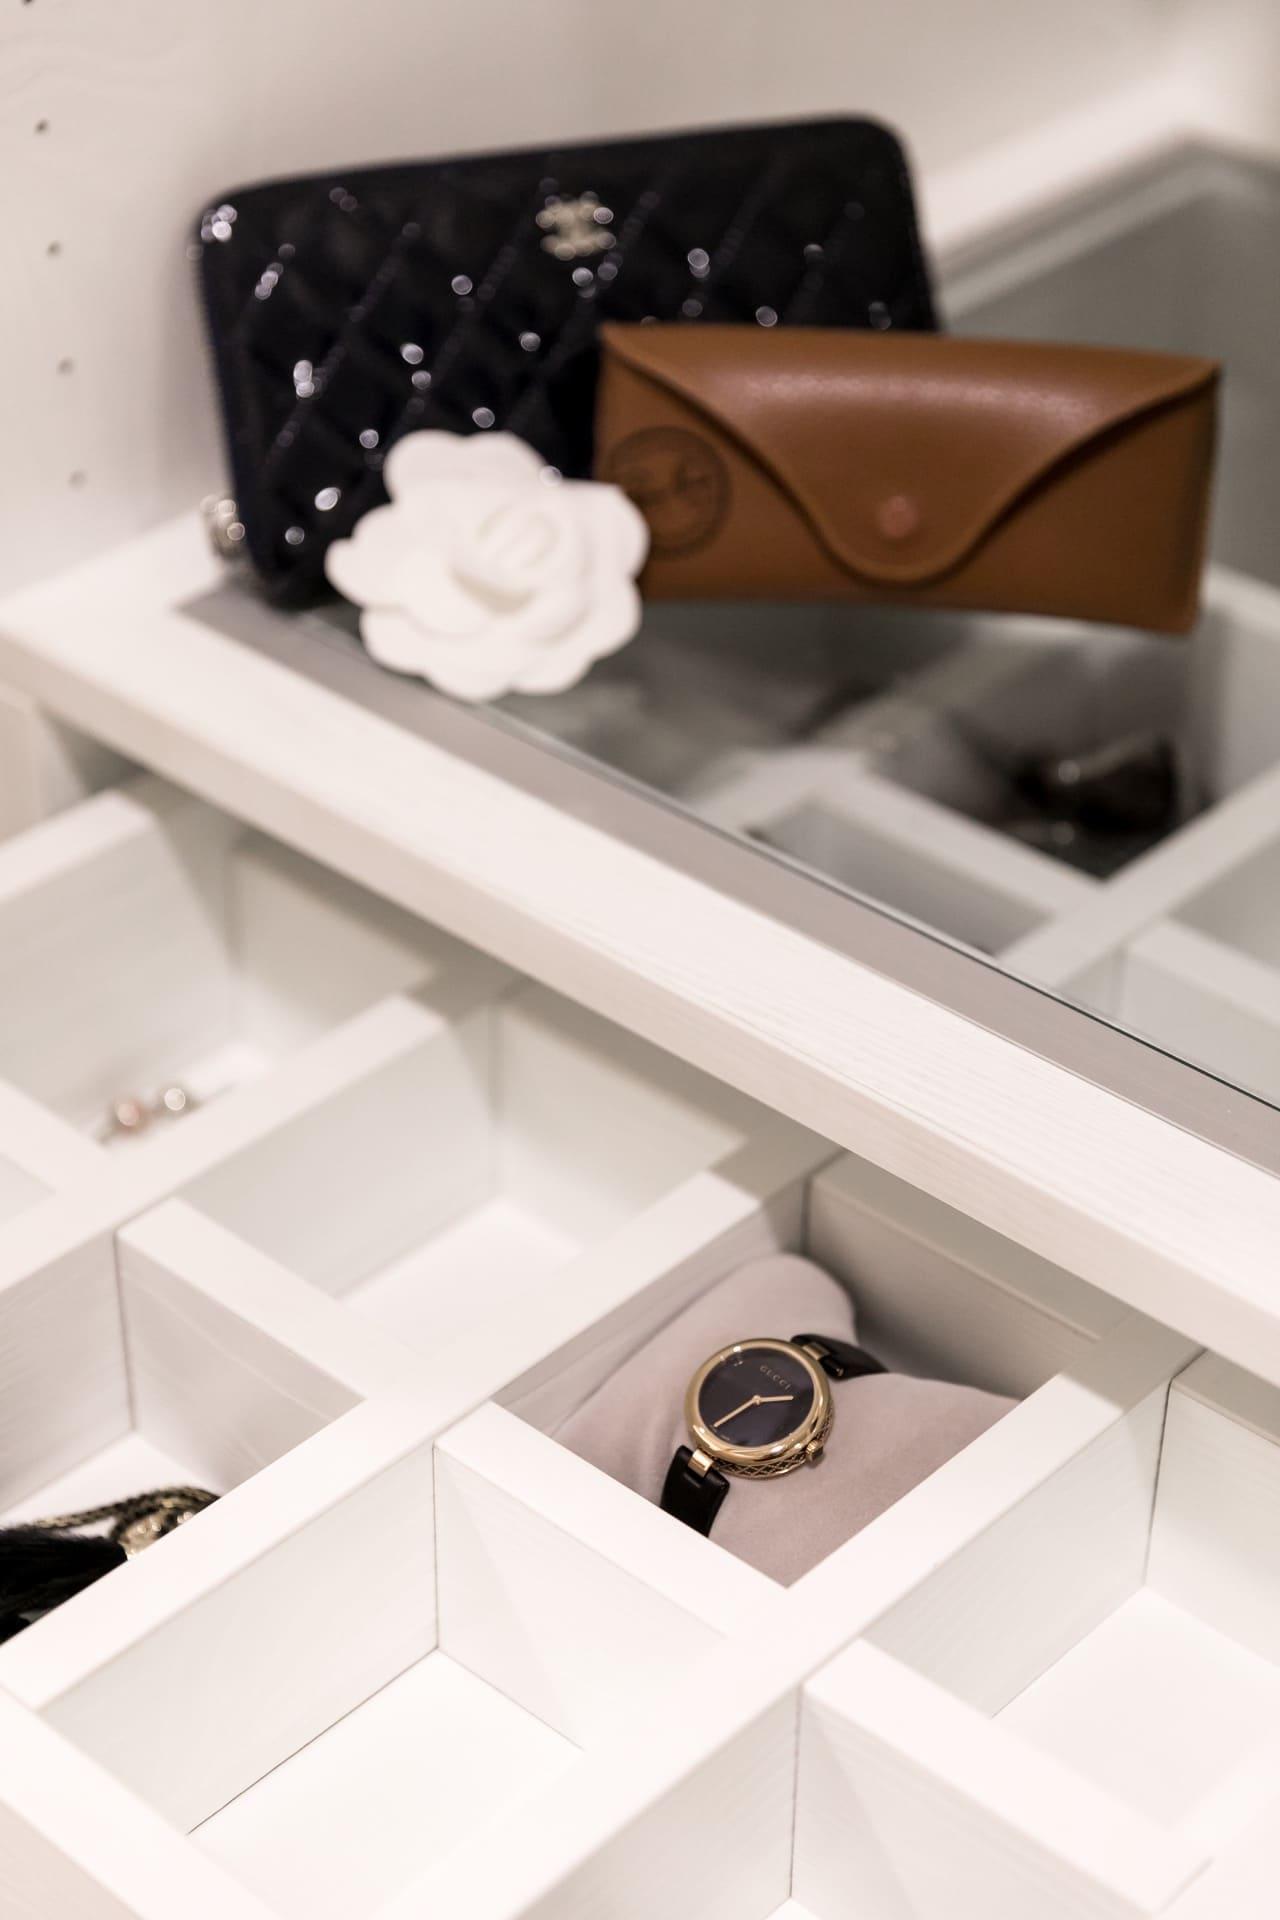 飾品、手錶與其他小物的透明收納櫃